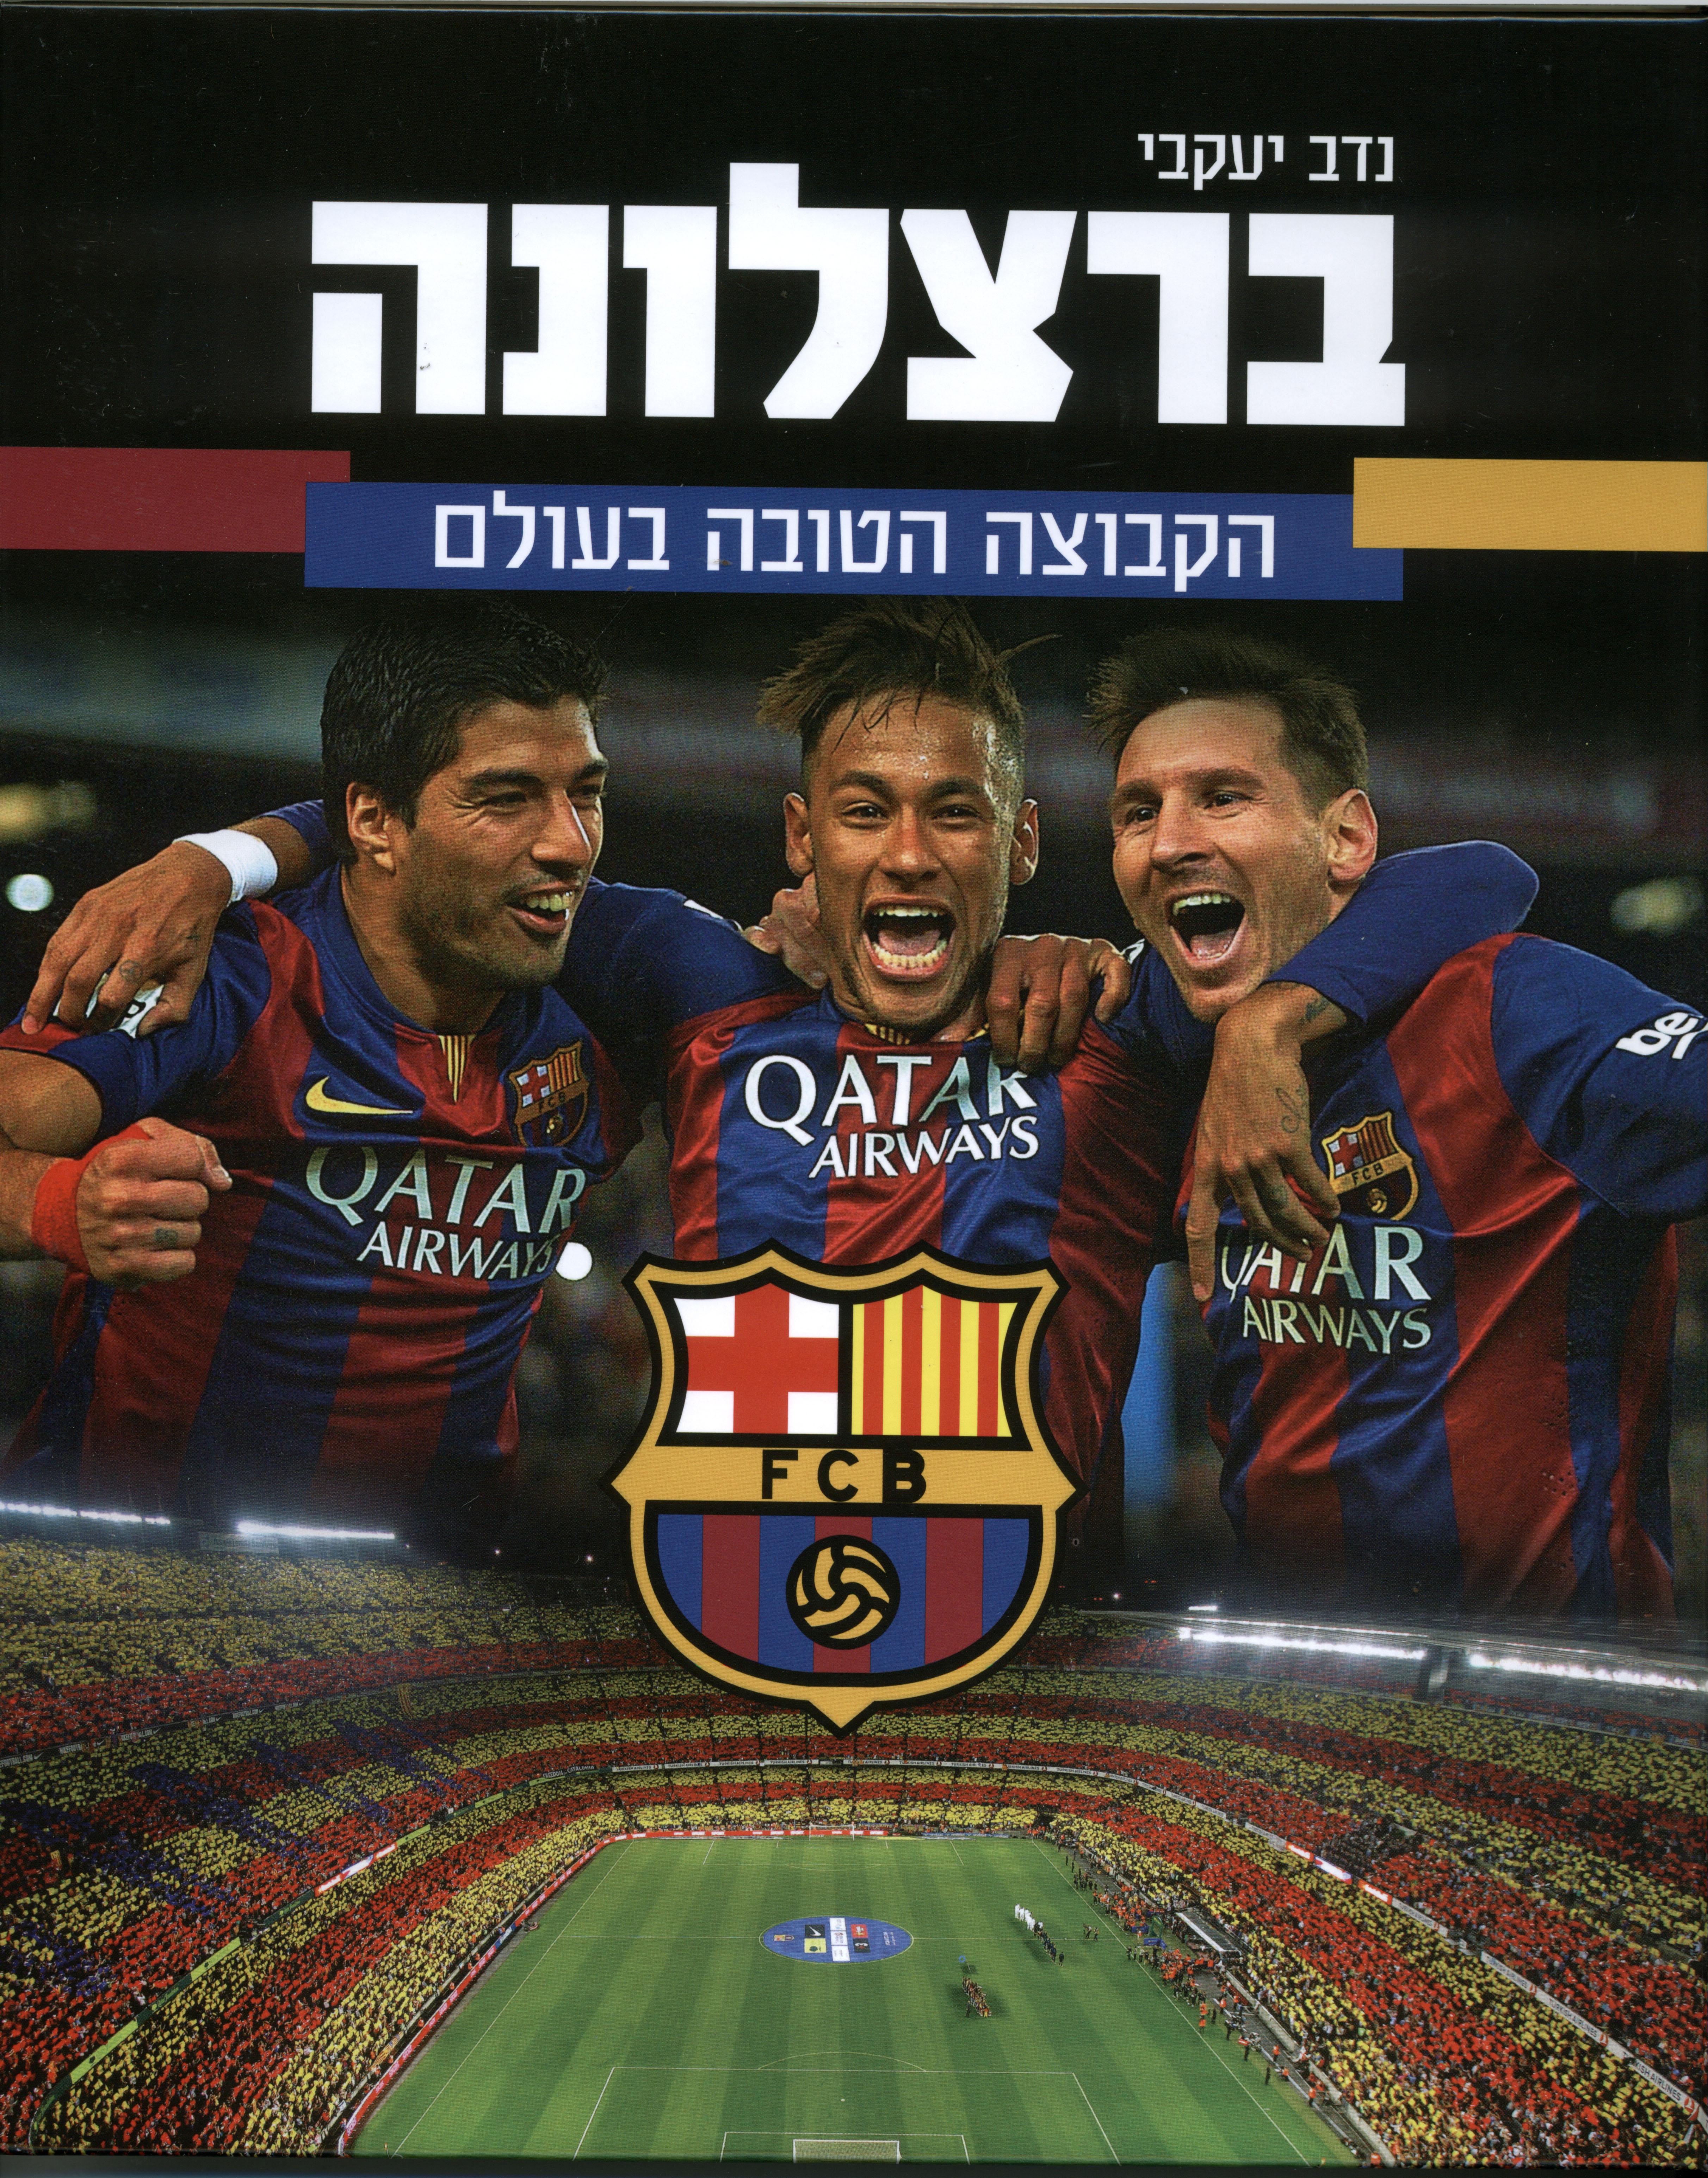 ברצלונה הקבוצה הטובה בעולם